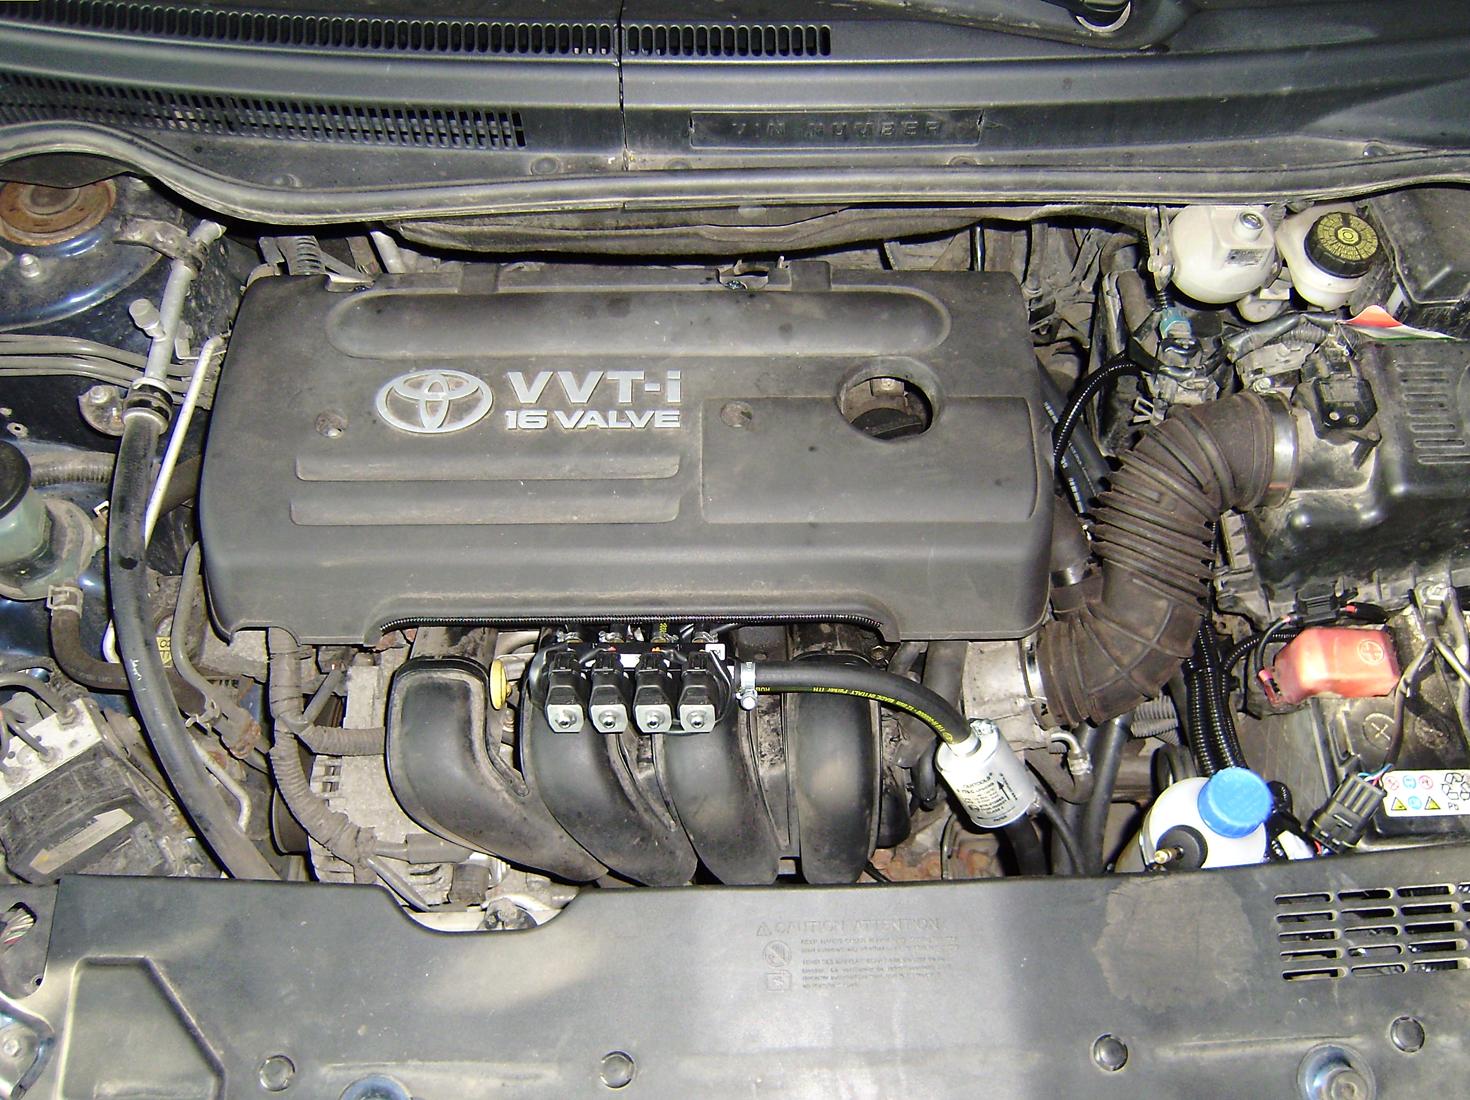 Toyota Королла на газу